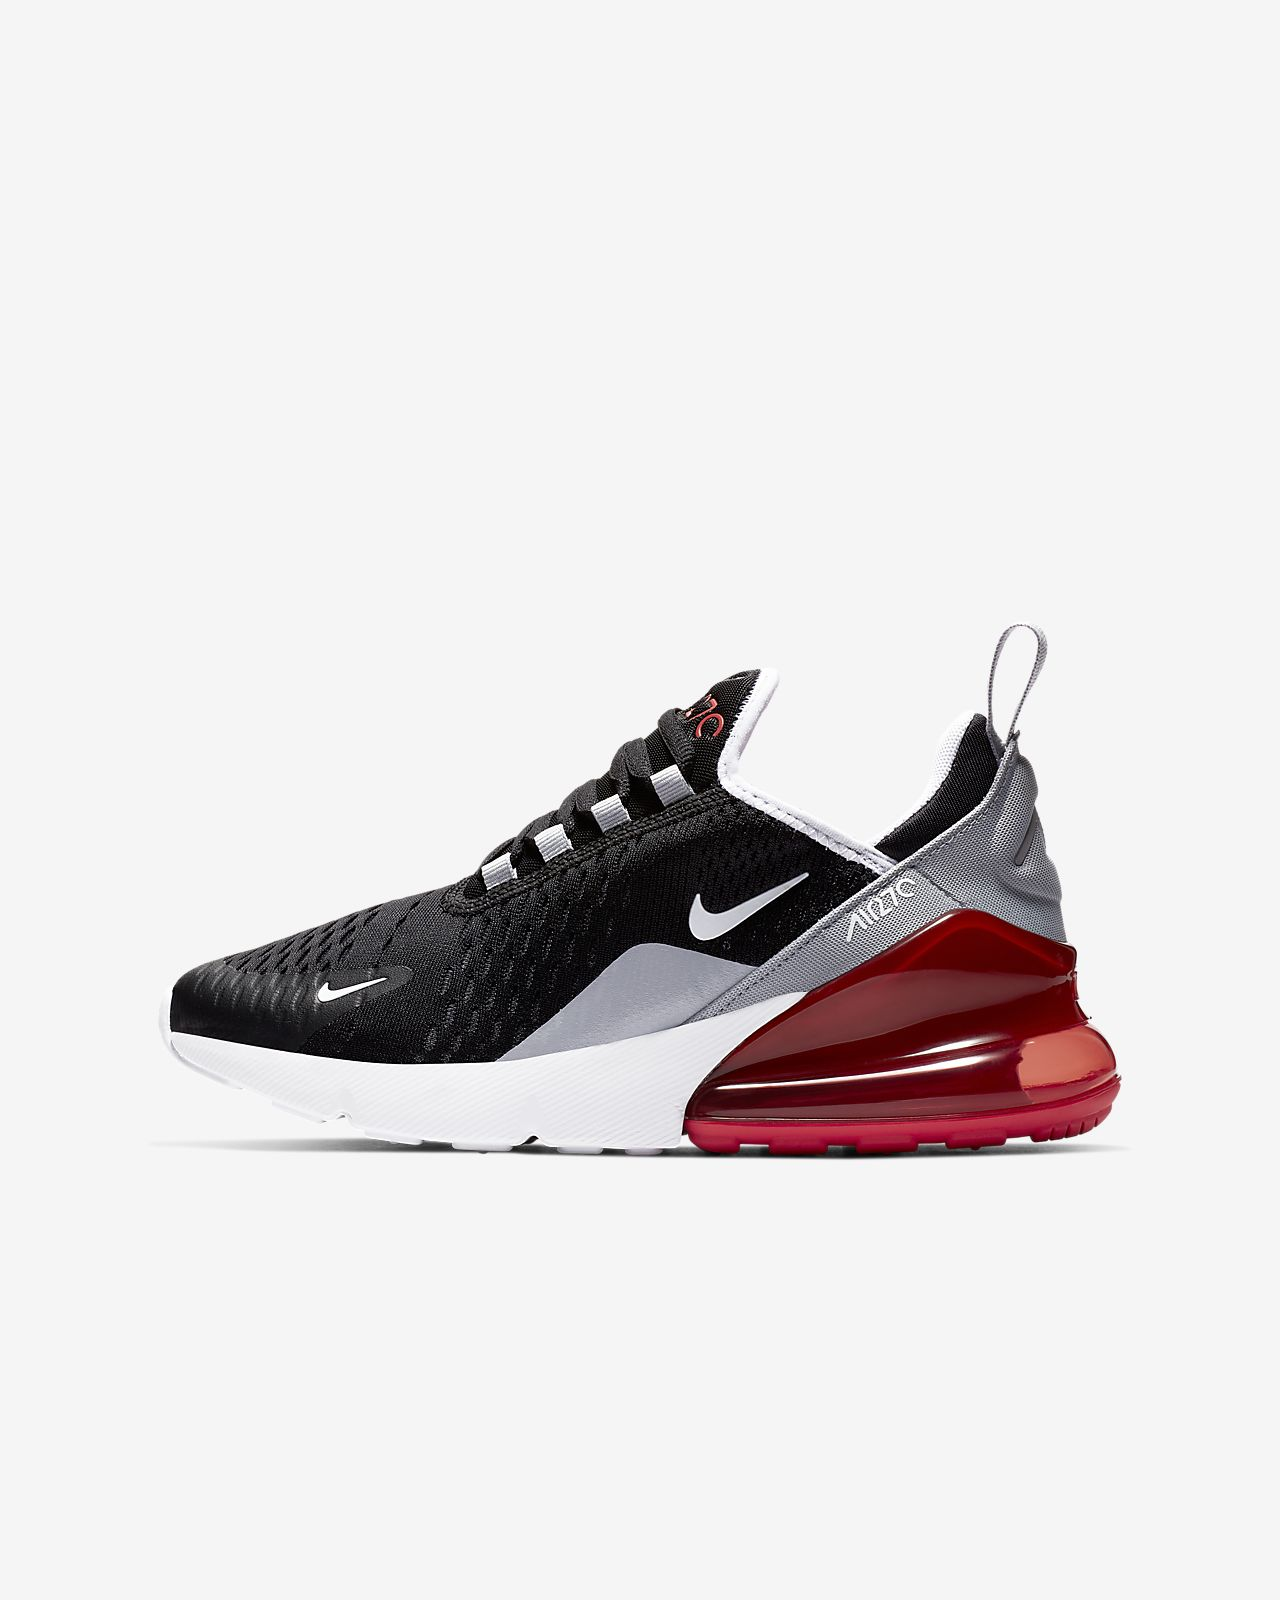 cheaper 77fb2 7e2ff ... Nike Air Max 270 Schuh für ältere Kinder